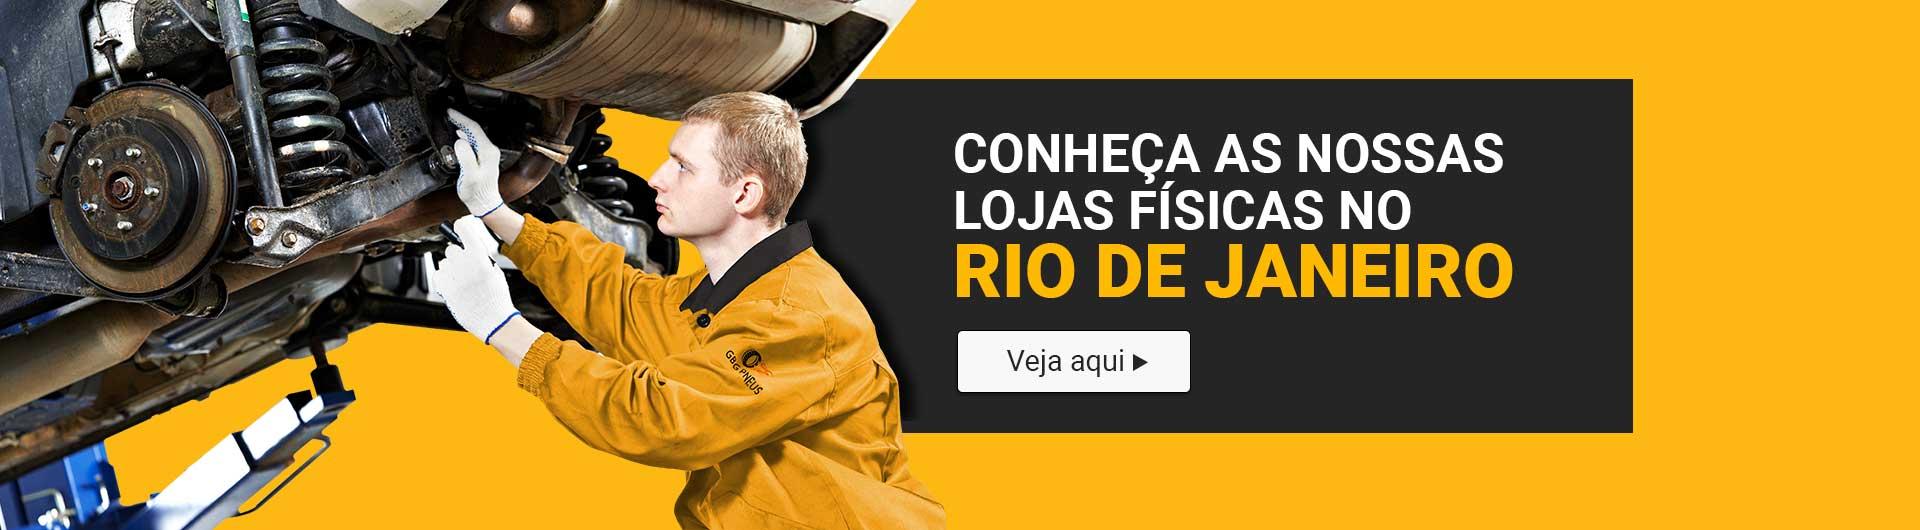 Conheça as nossas lojas de pneus no RJ